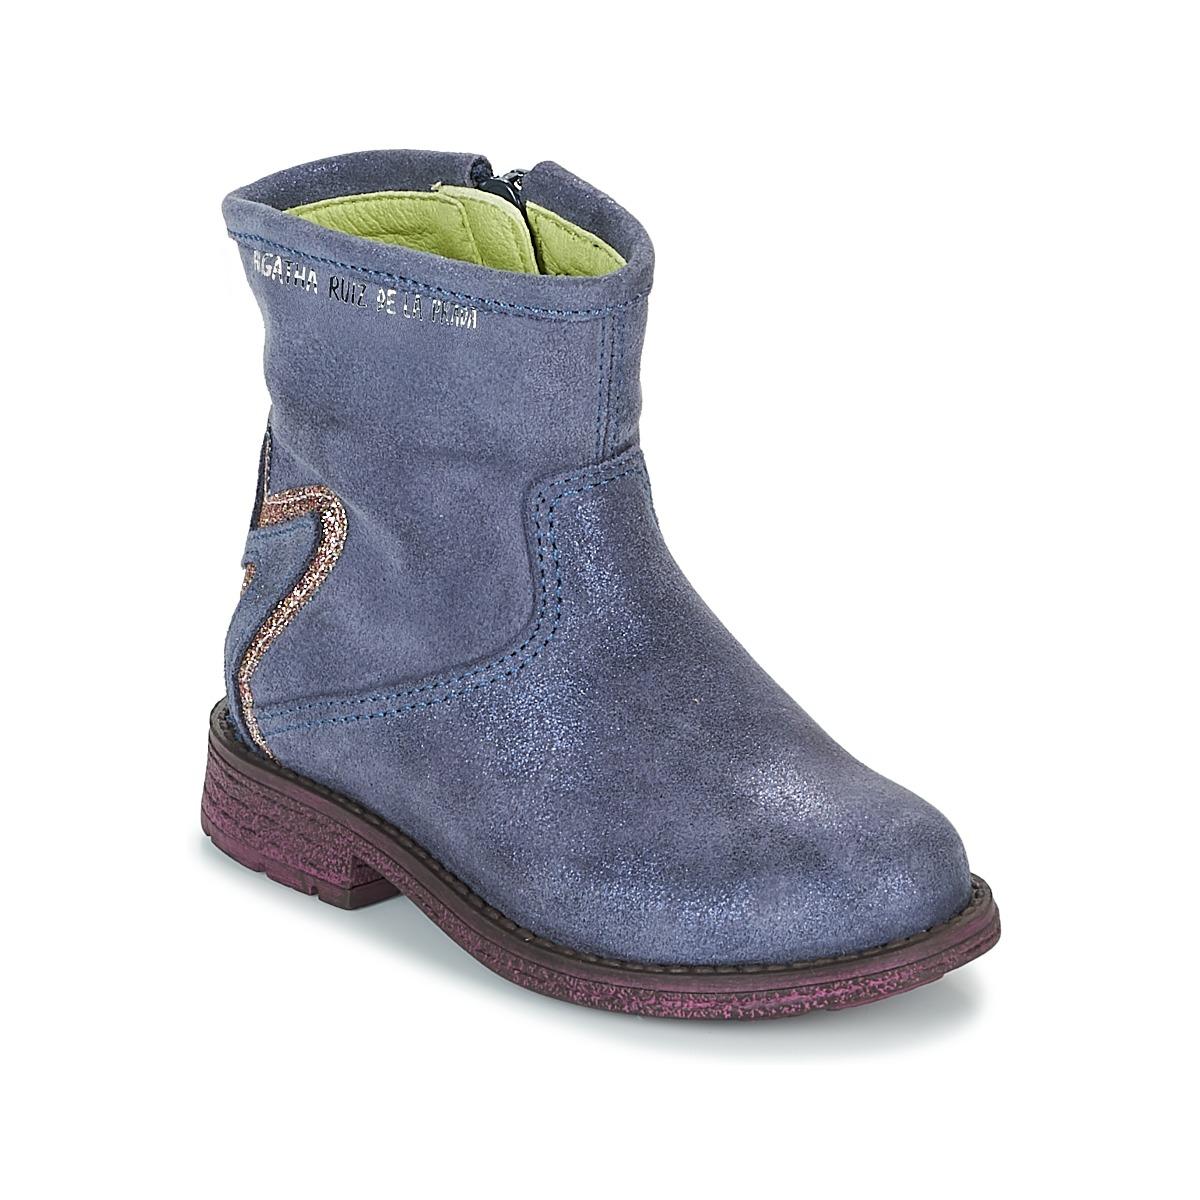 Støvler til børn Agatha Ruiz de la Prada  181970 VAGABUNDA